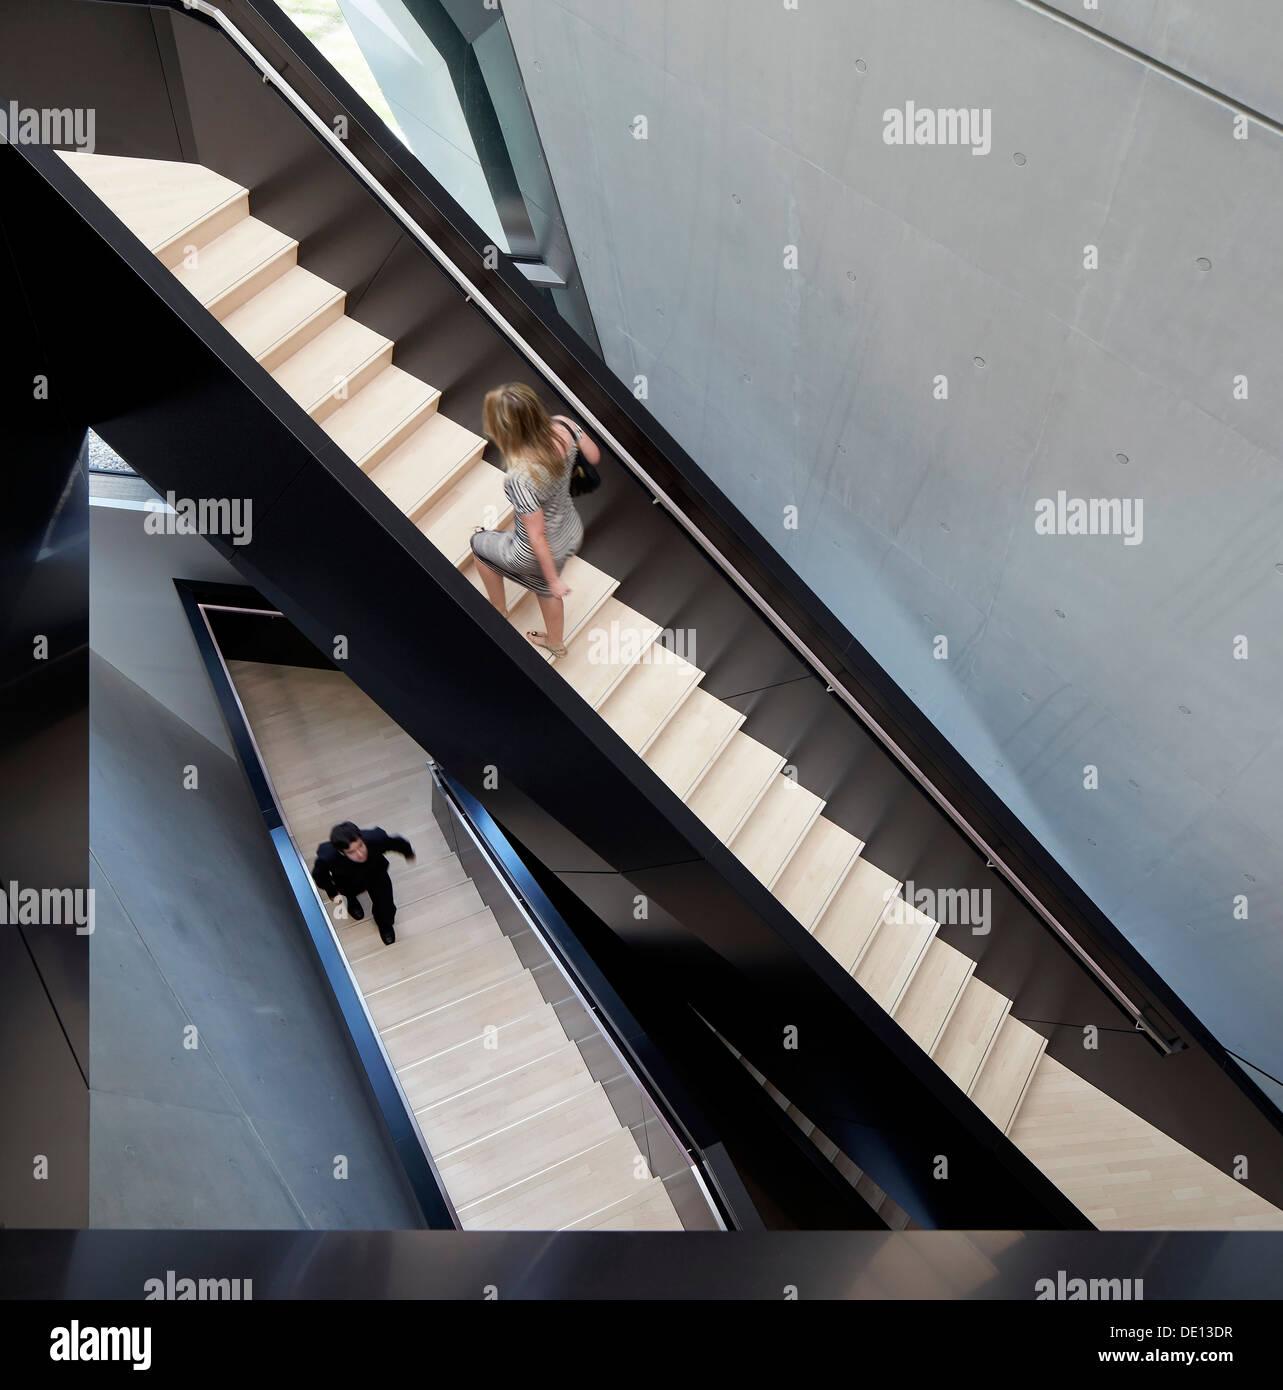 Eli & Edythe Broad Art Museum, Lansing, United States. Architect: Zaha Hadid Architects, 2013. Stock Photo